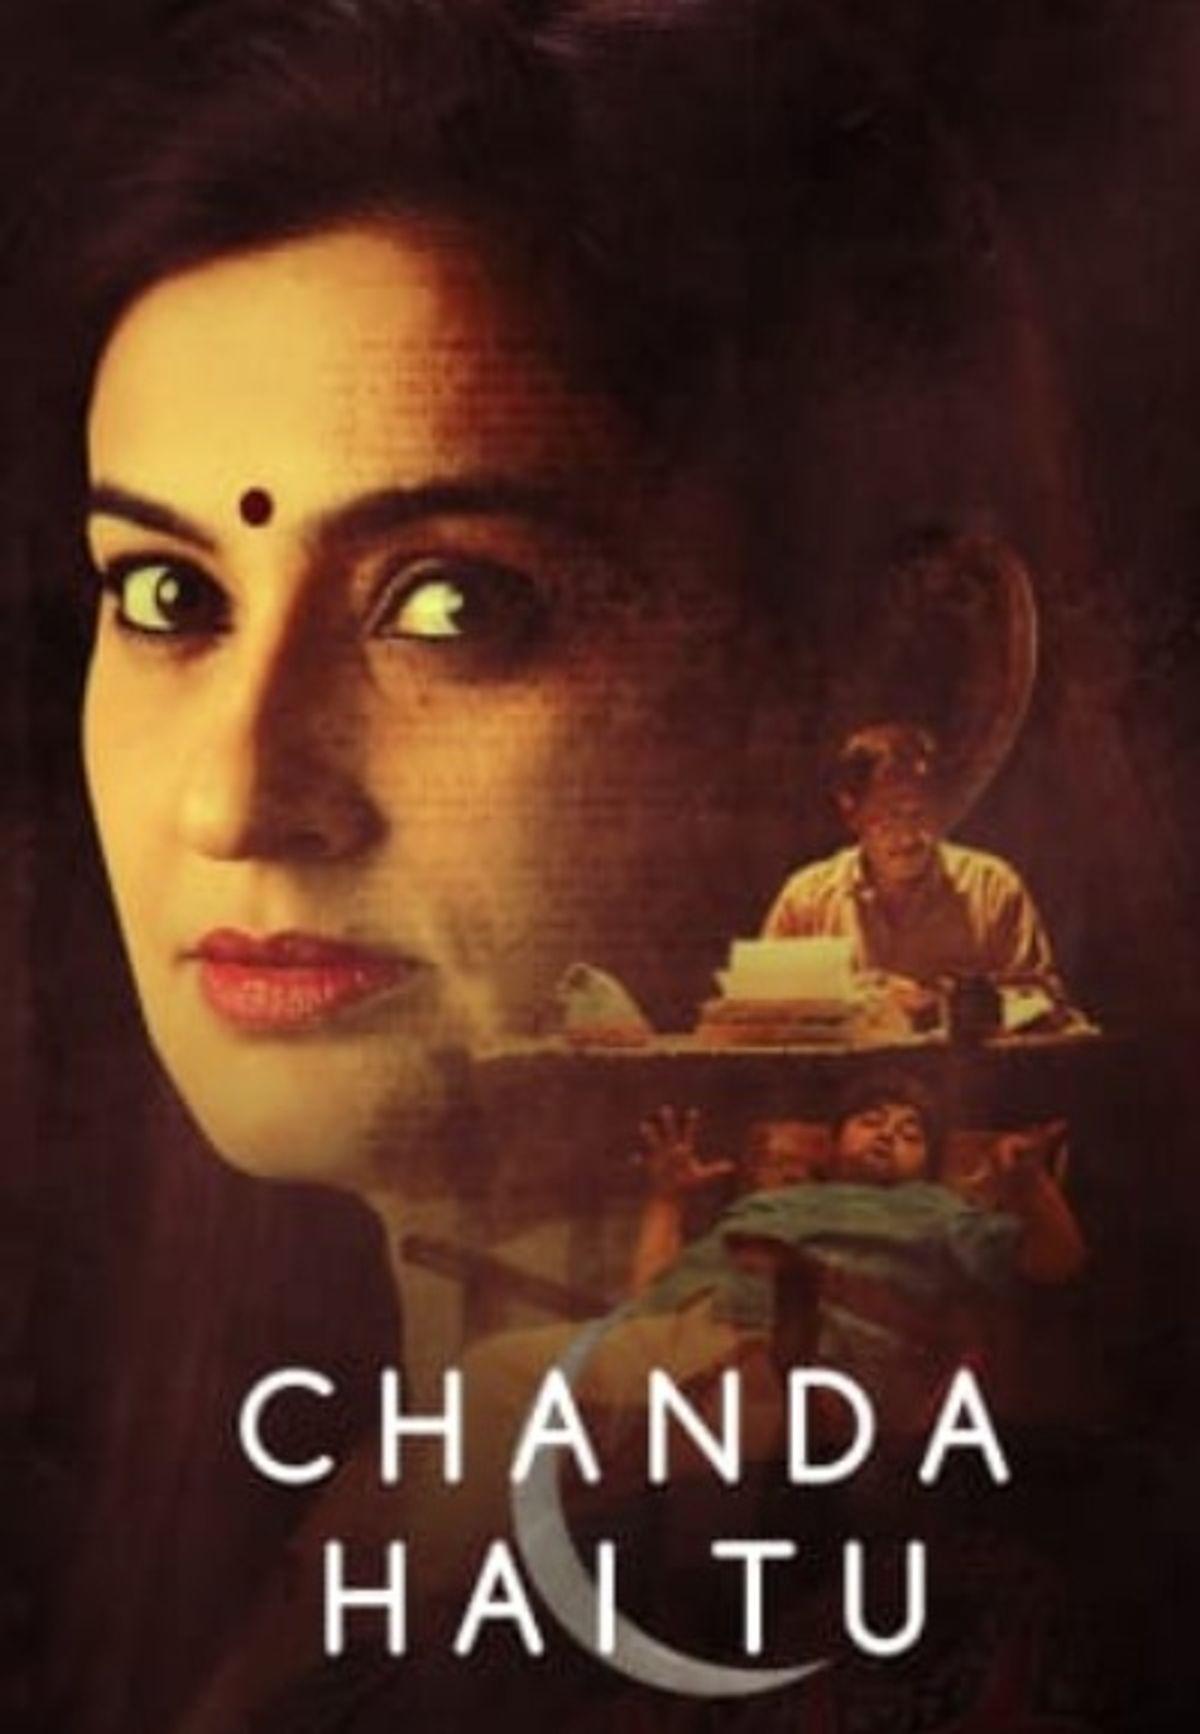 Chanda Hai Tu